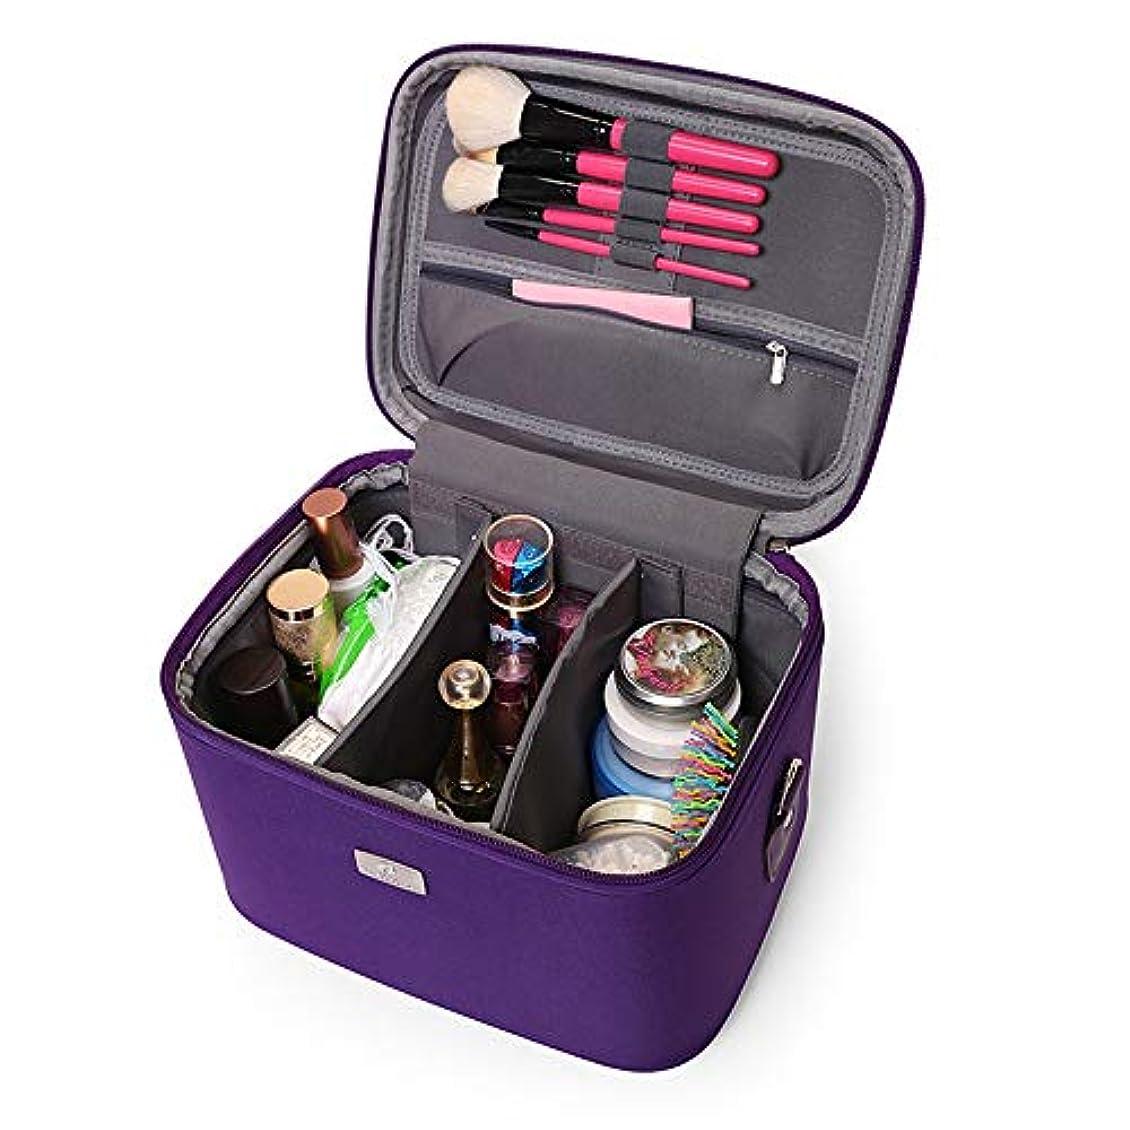 インド可愛い新聞化粧オーガナイザーバッグ 14インチのメイクアップトラベルバッグPUレター防水化粧ケースのティーン女の子の女性アーティスト 化粧品ケース (色 : 紫の)